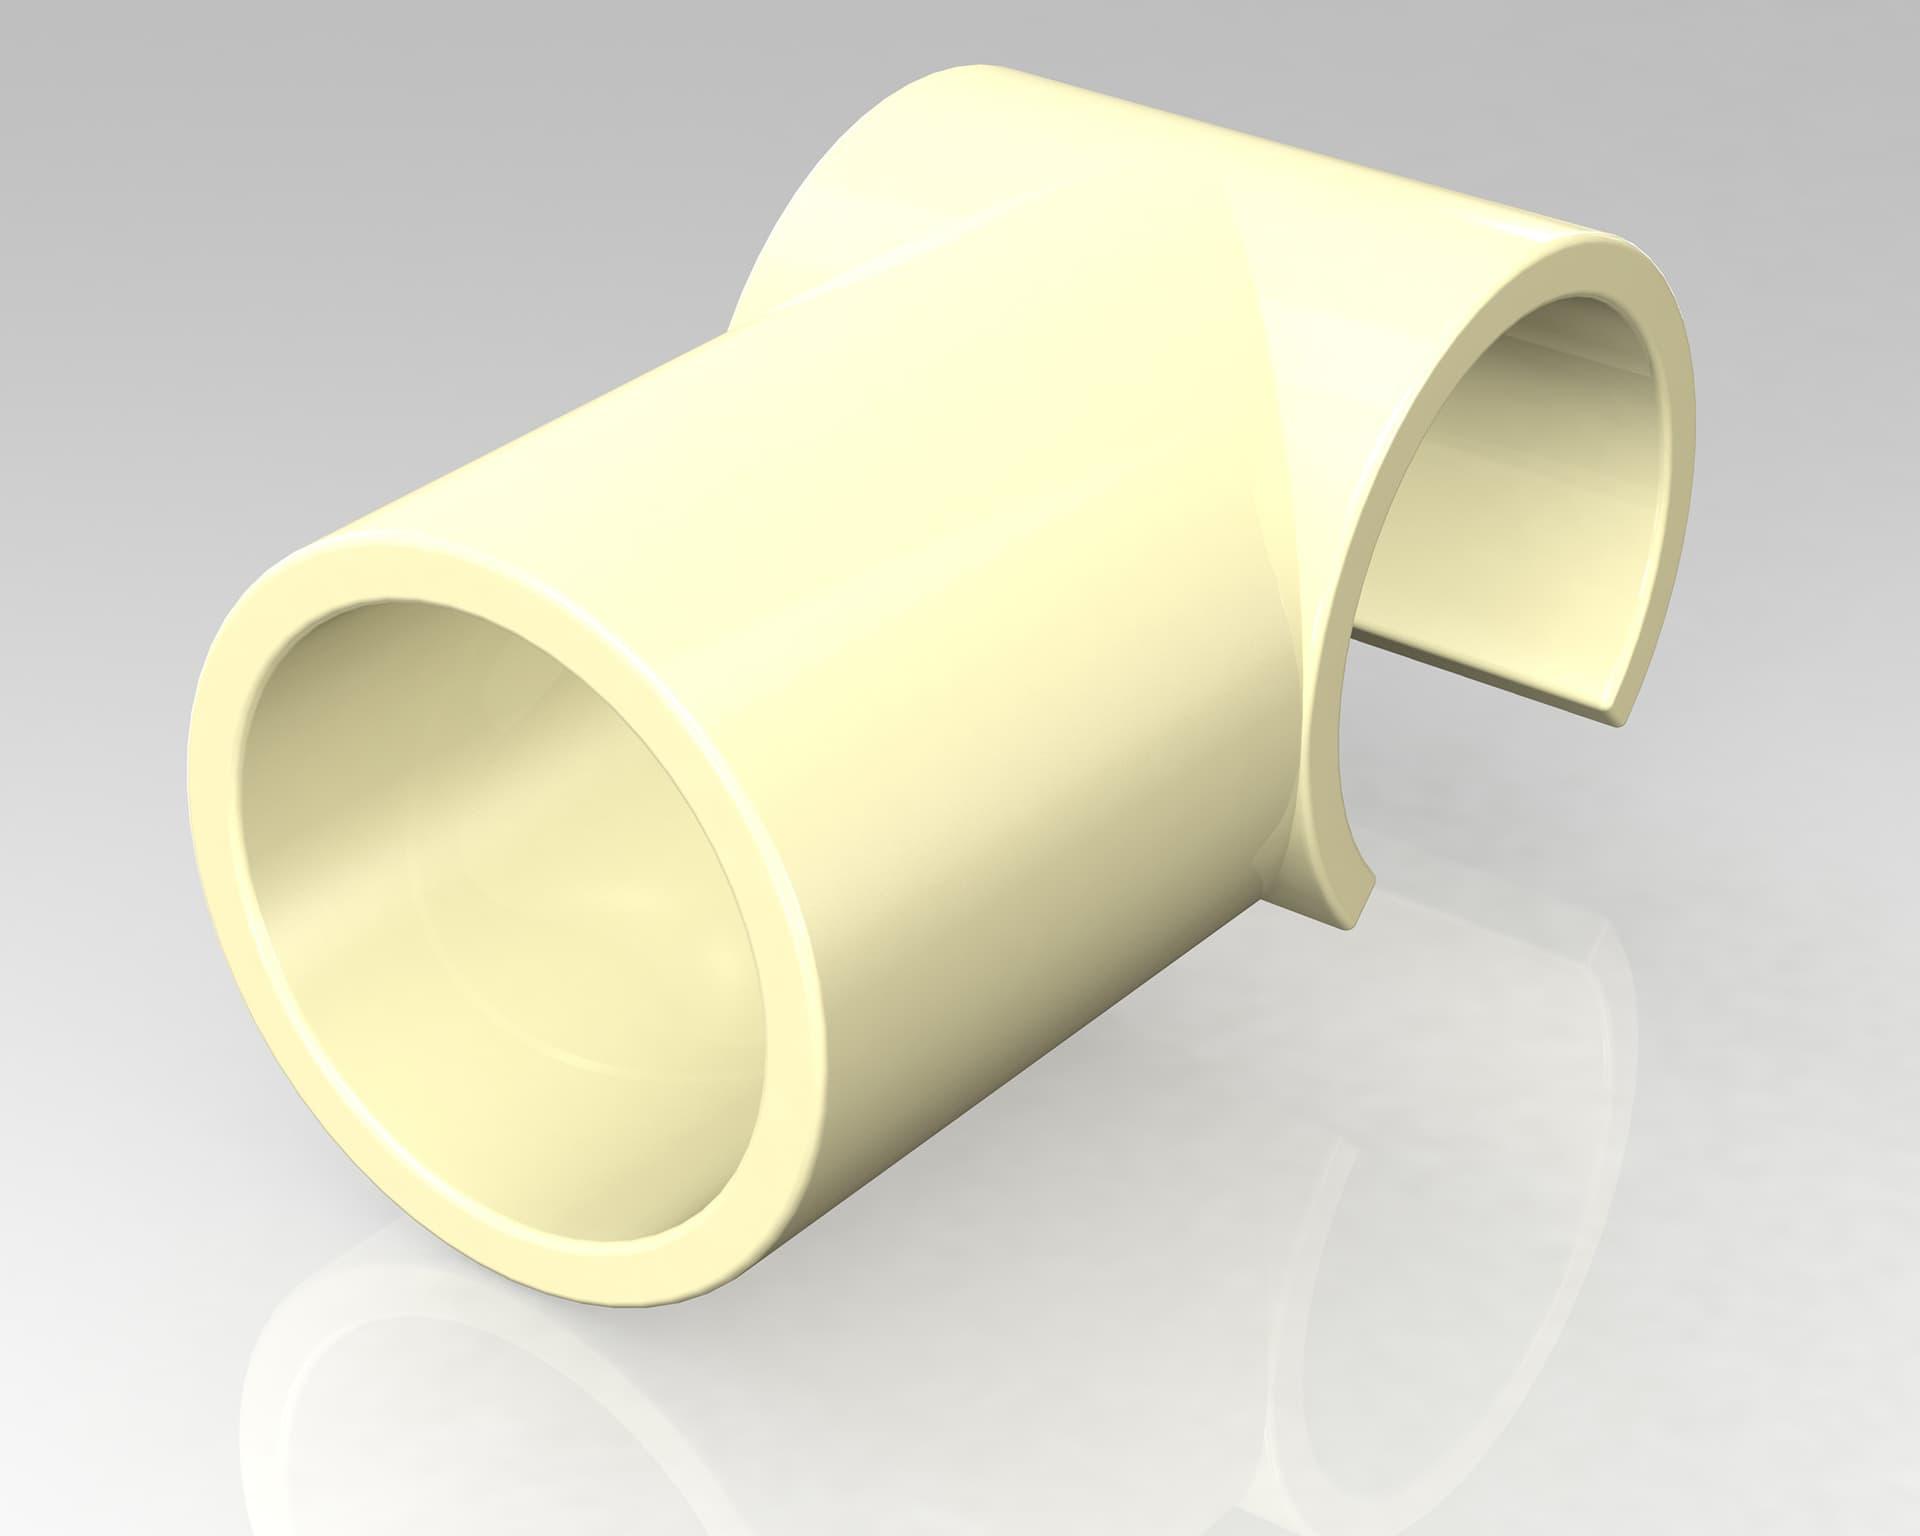 PEK3 Easytube Plastic Accessories GAP 20